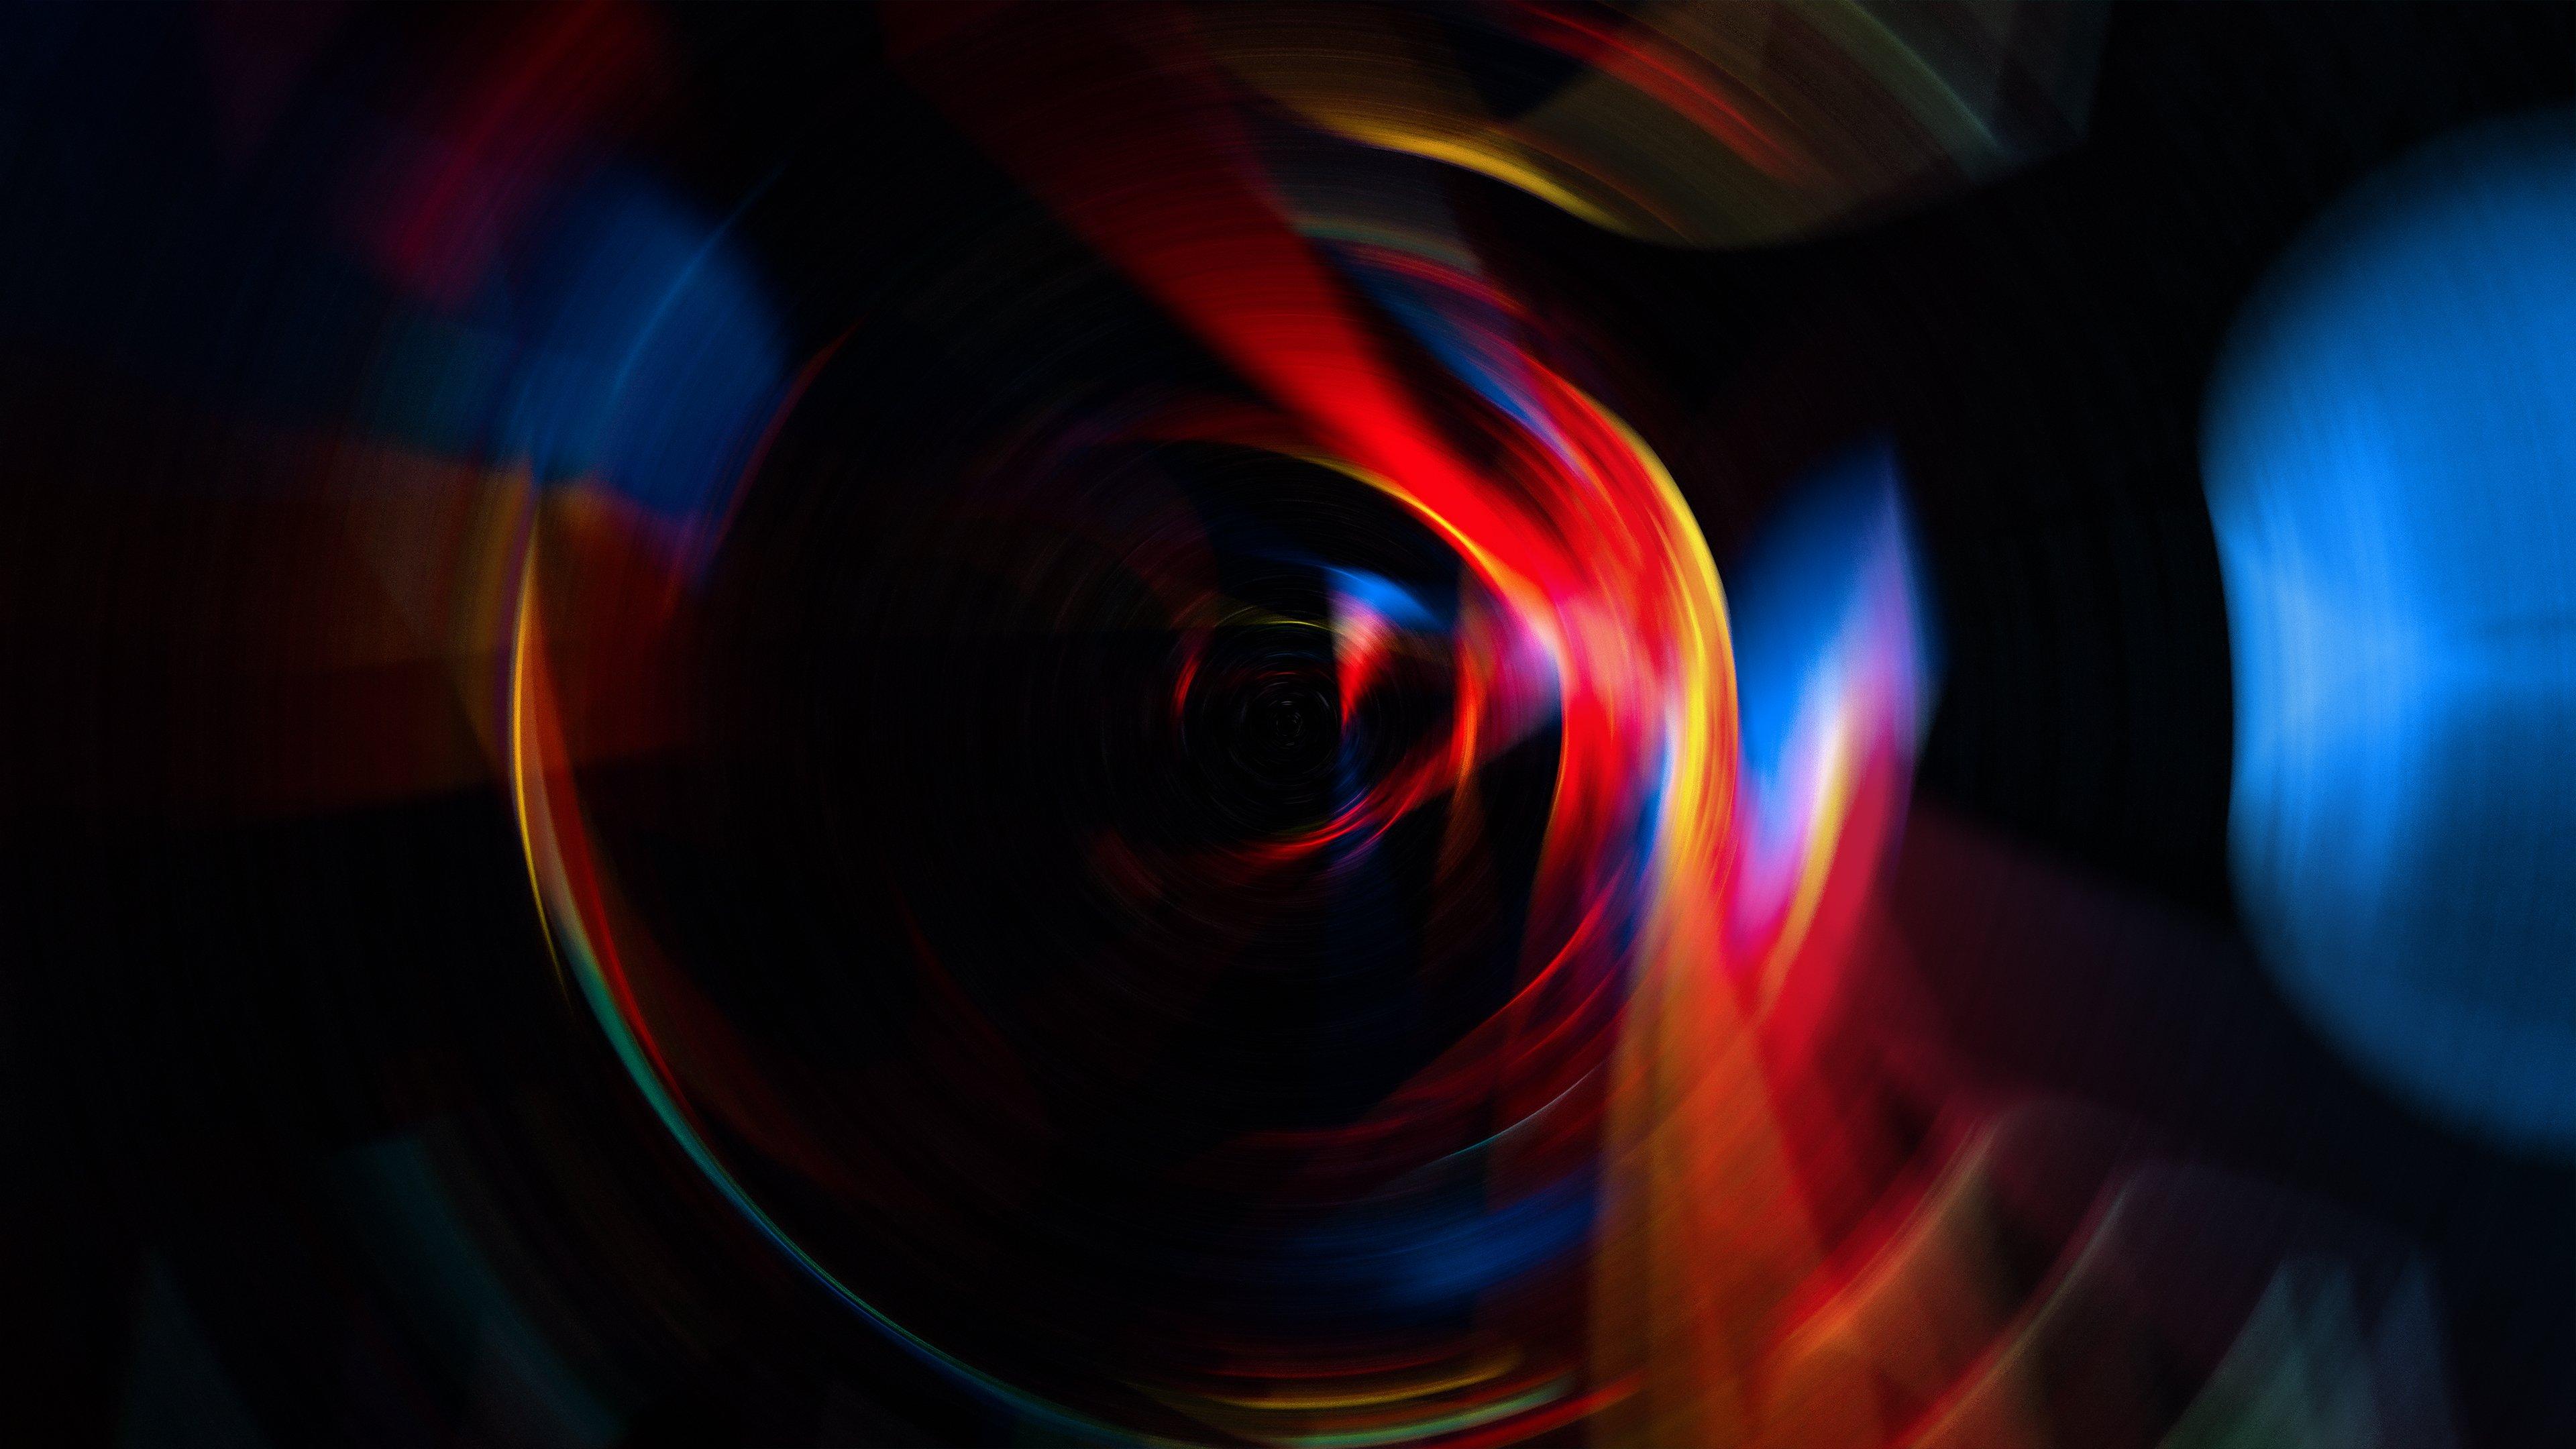 Fondos de pantalla Lente de cámara Abstracto